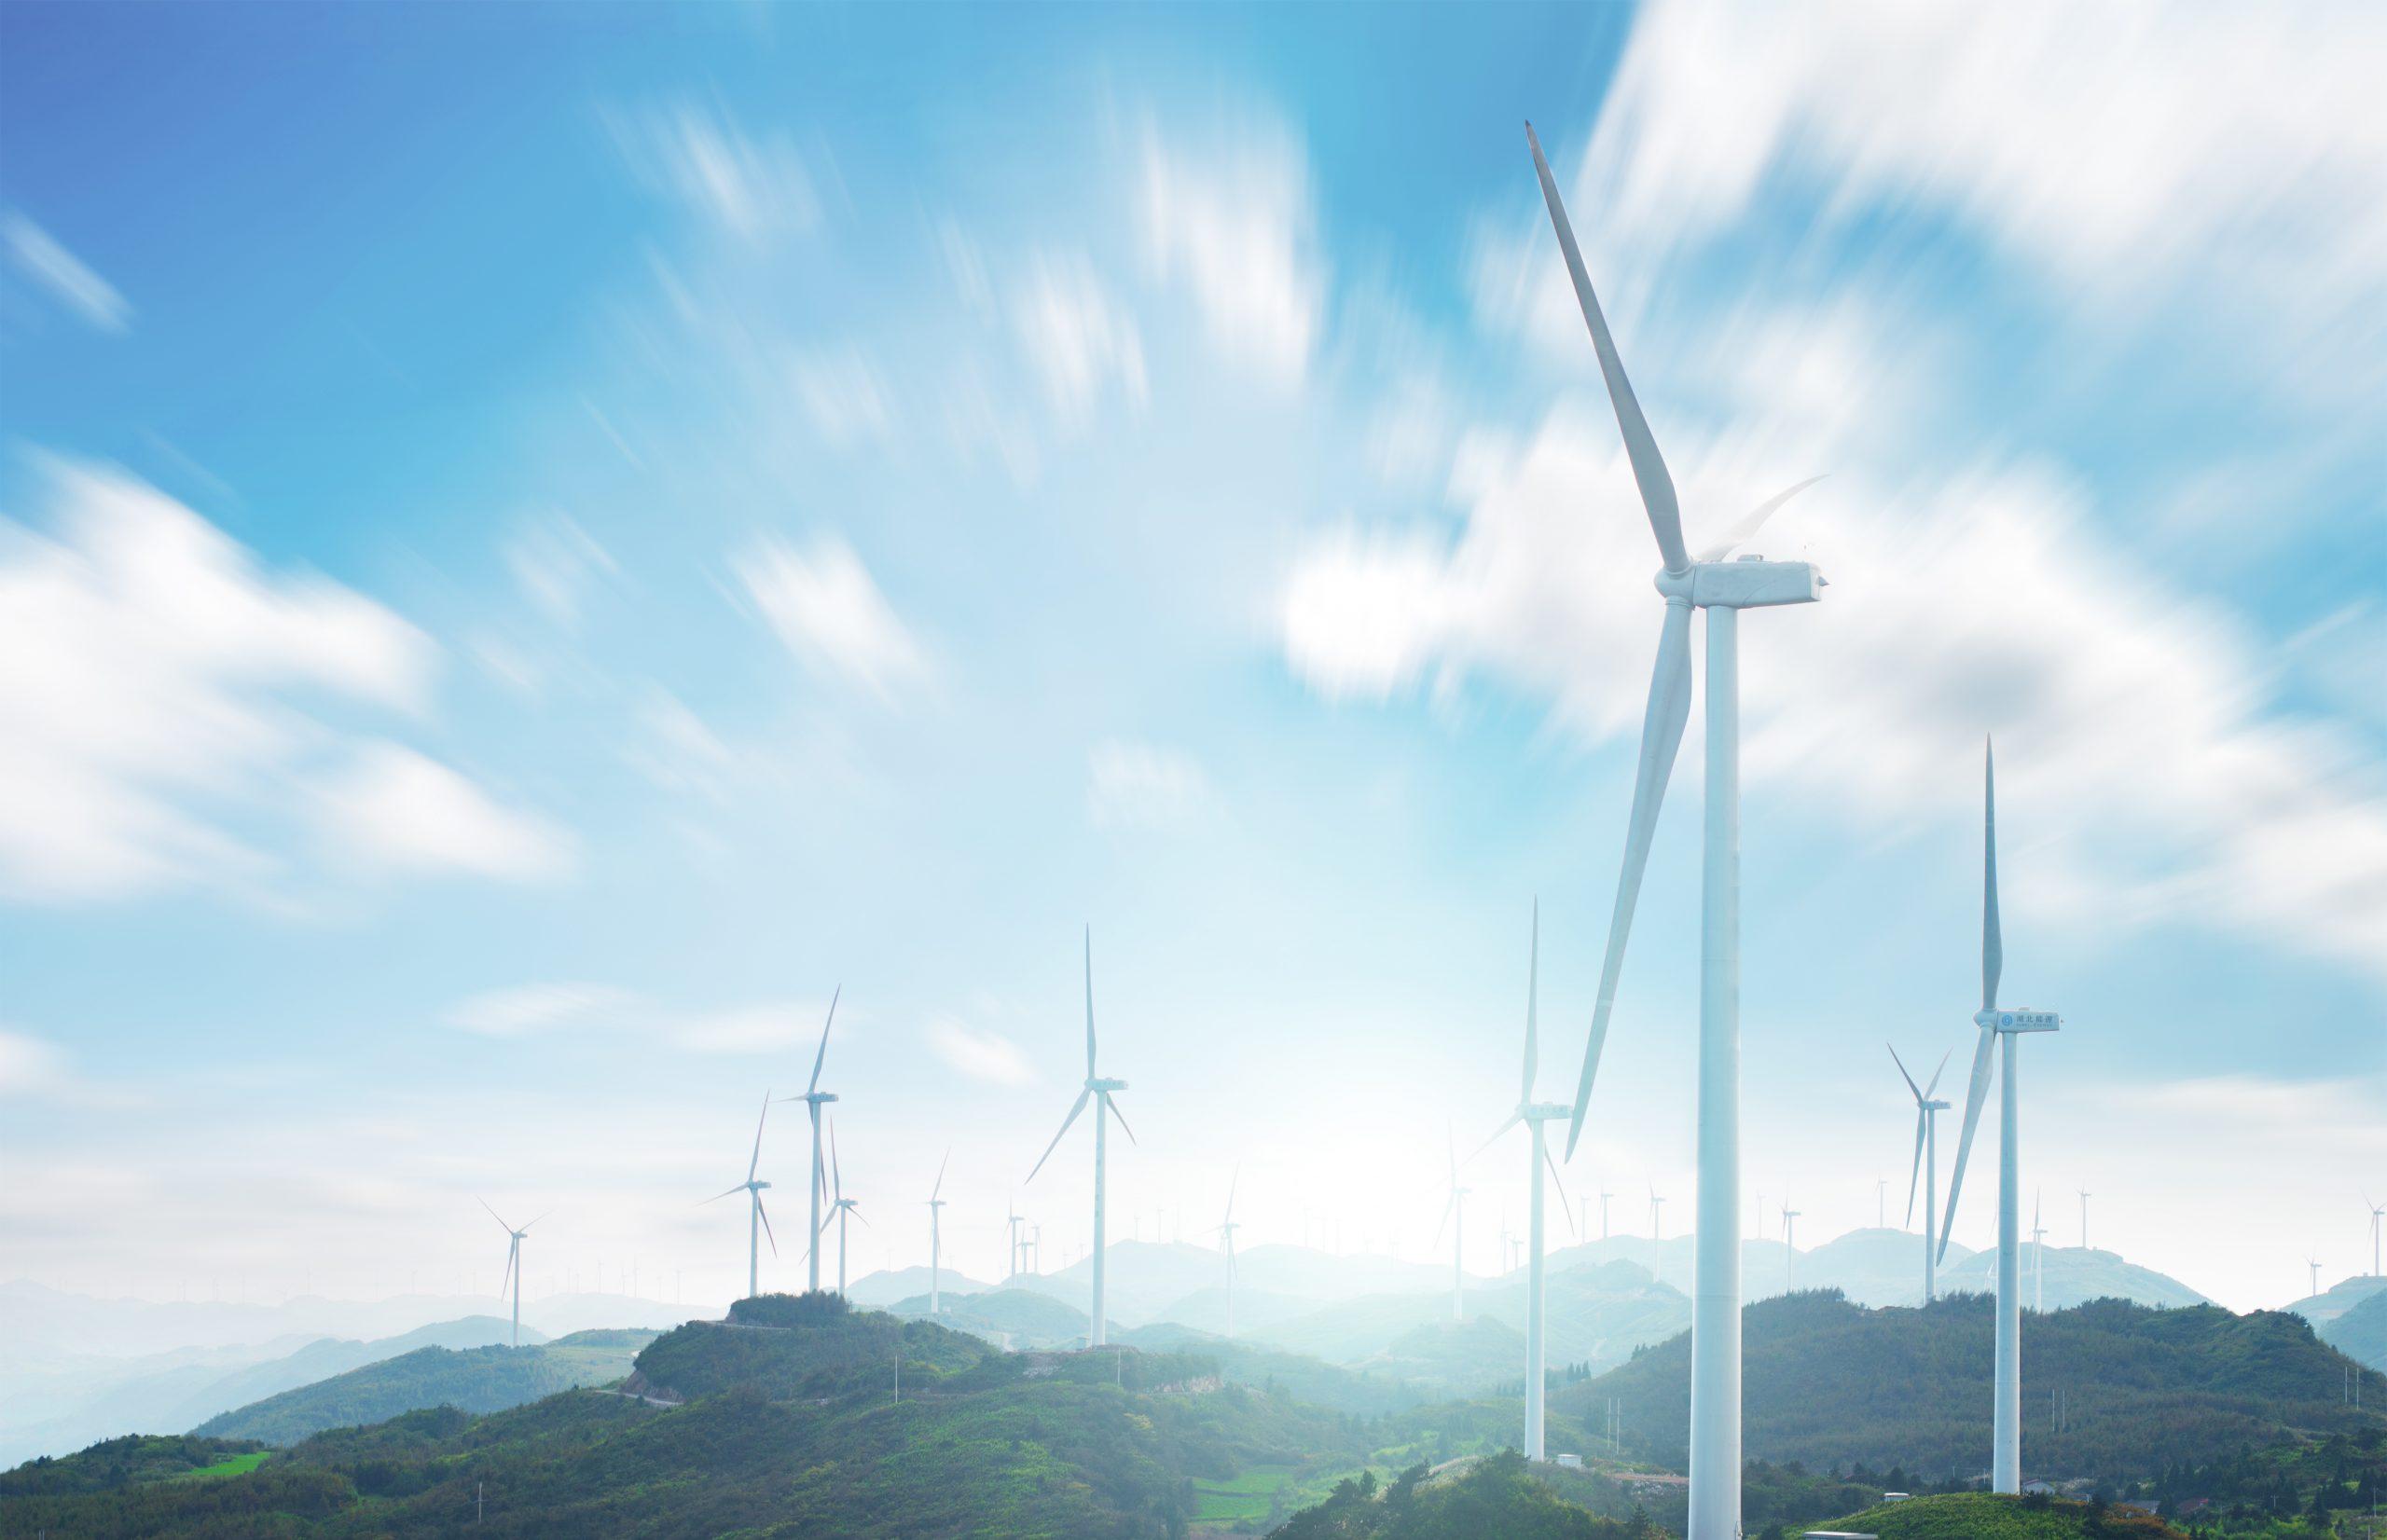 Ilustracija - vjetroelektrana, izvor: onlyyouqj, freepik.com